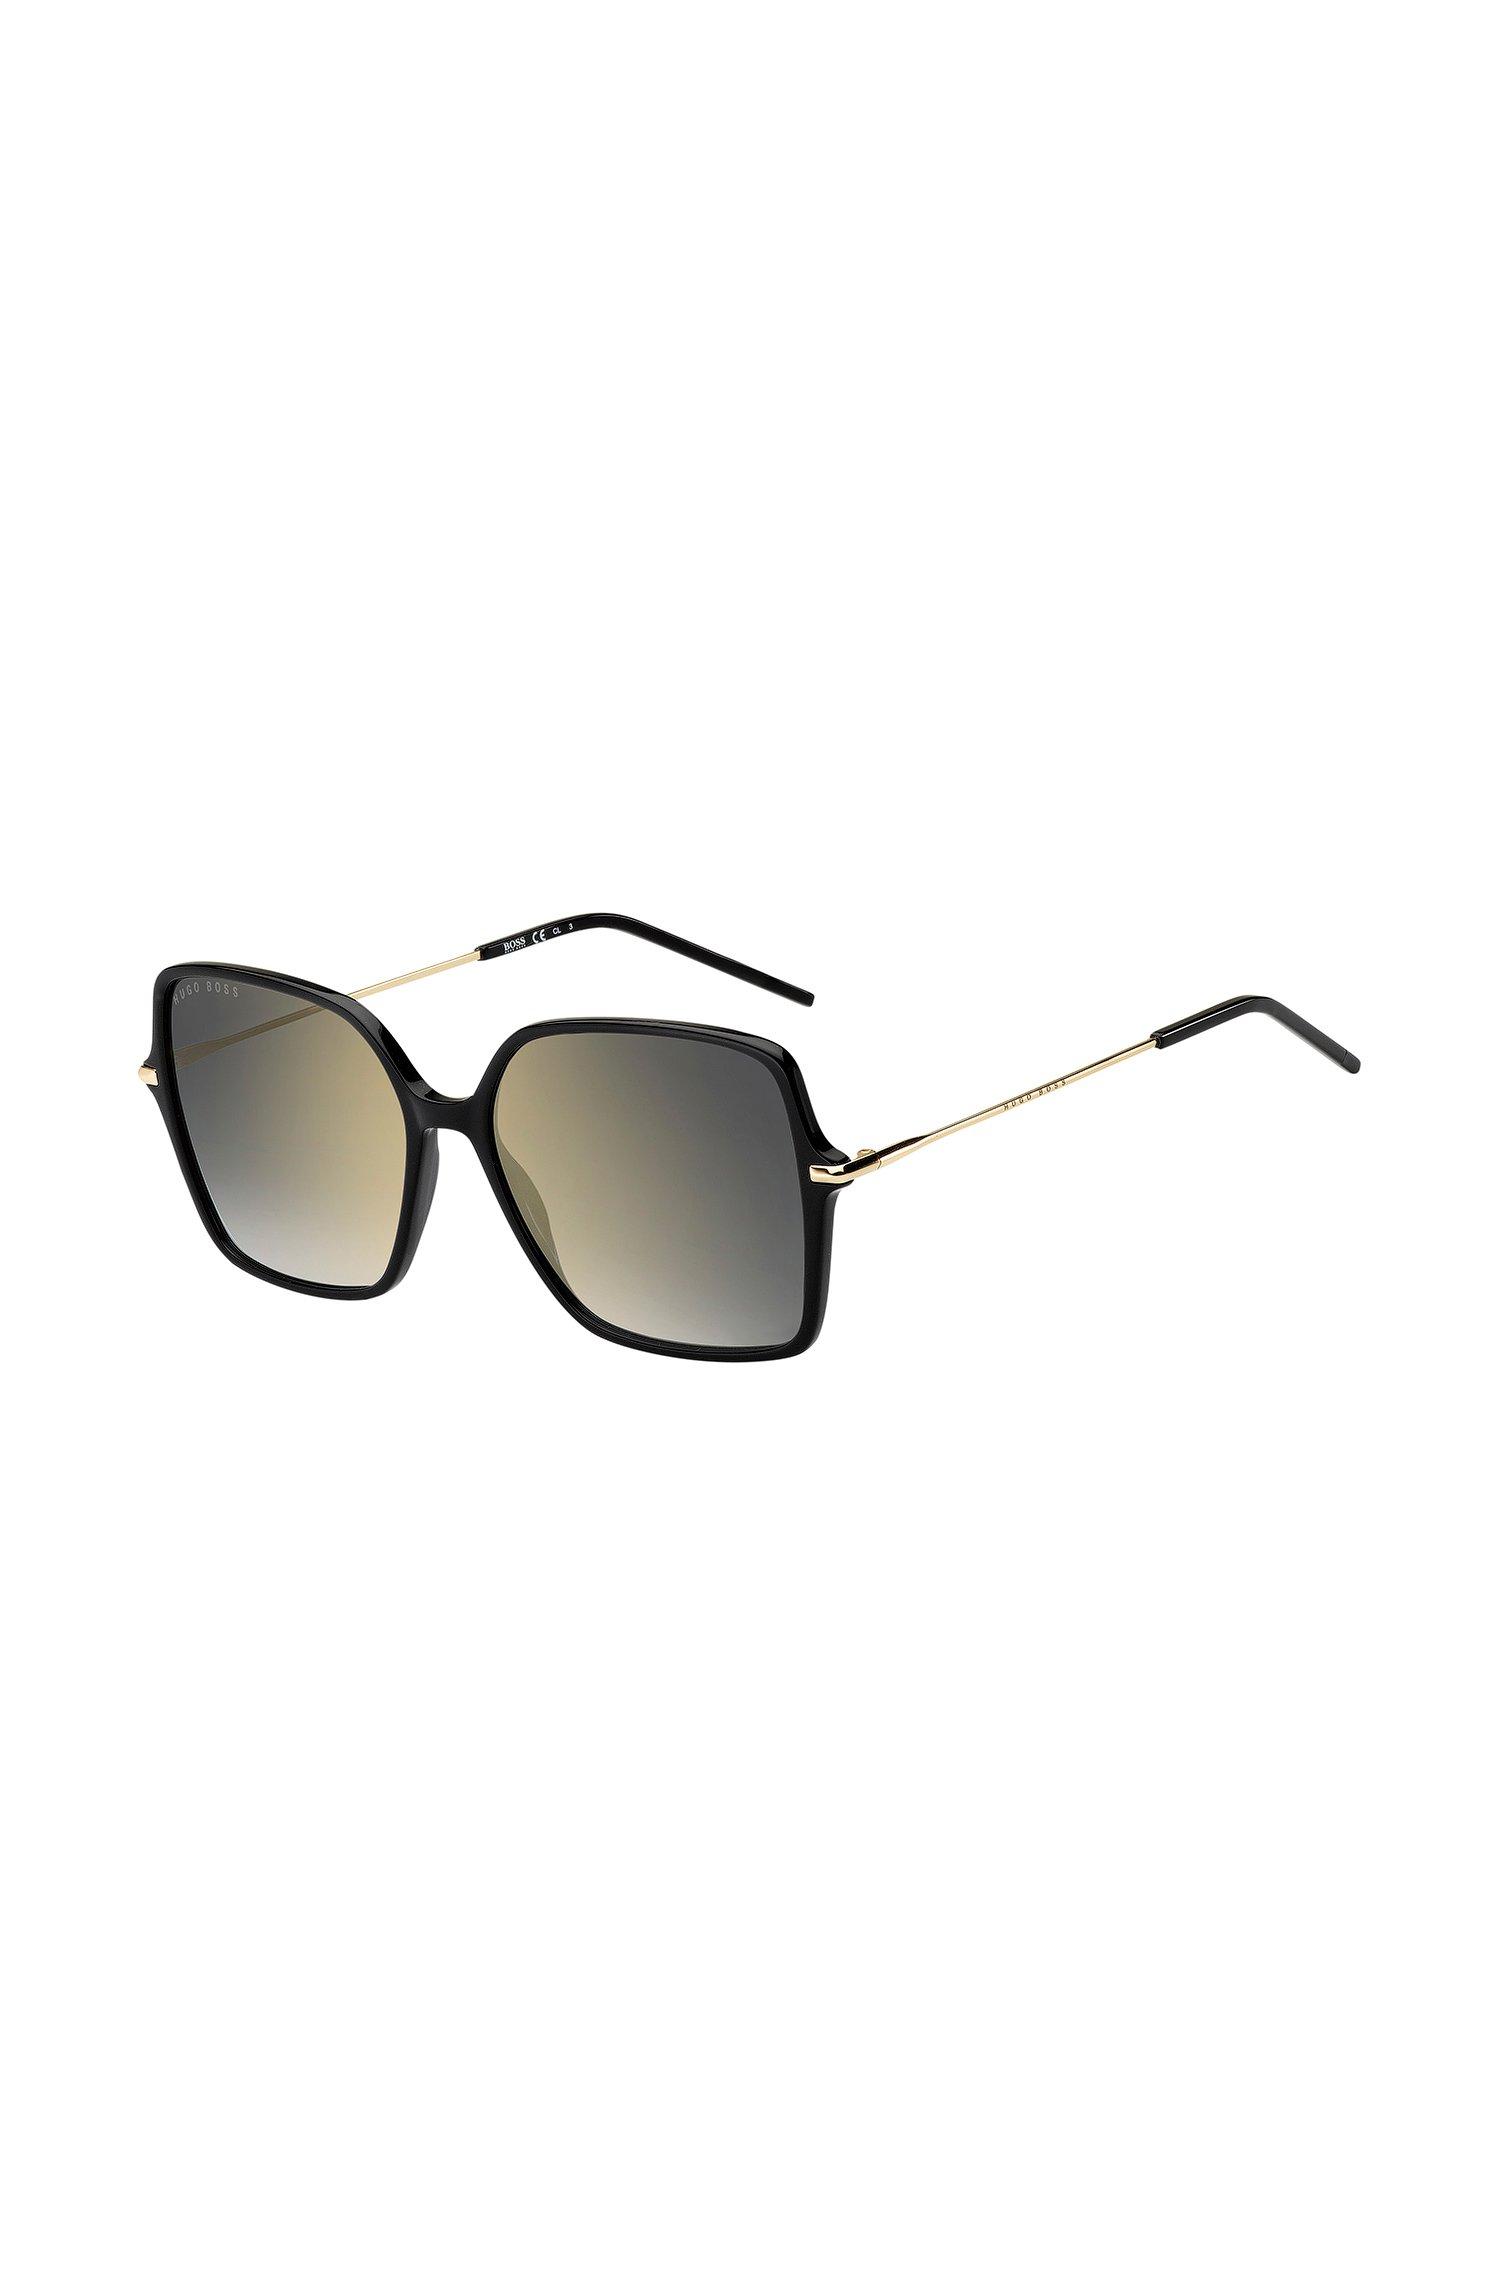 Lunettes de soleil en acétate noir avec verres miroir, Assorted-Pre-Pack